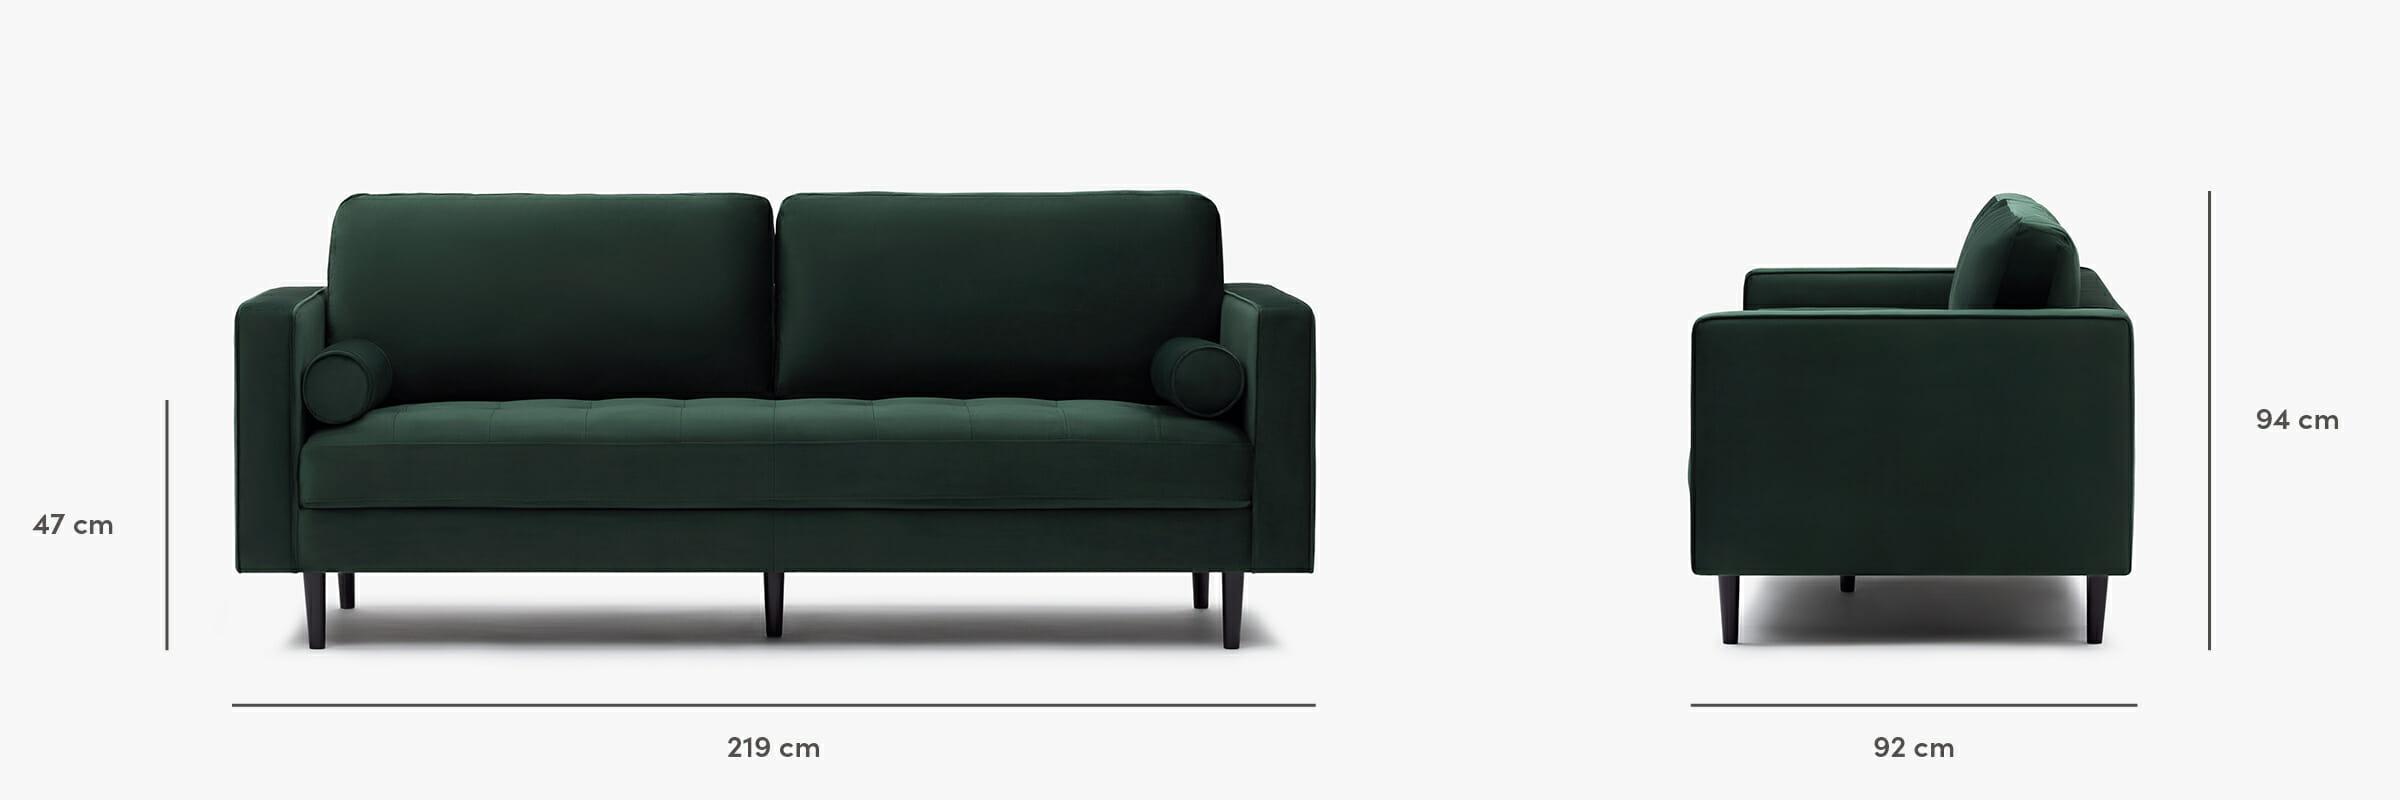 Soho velvet sofa dimensions